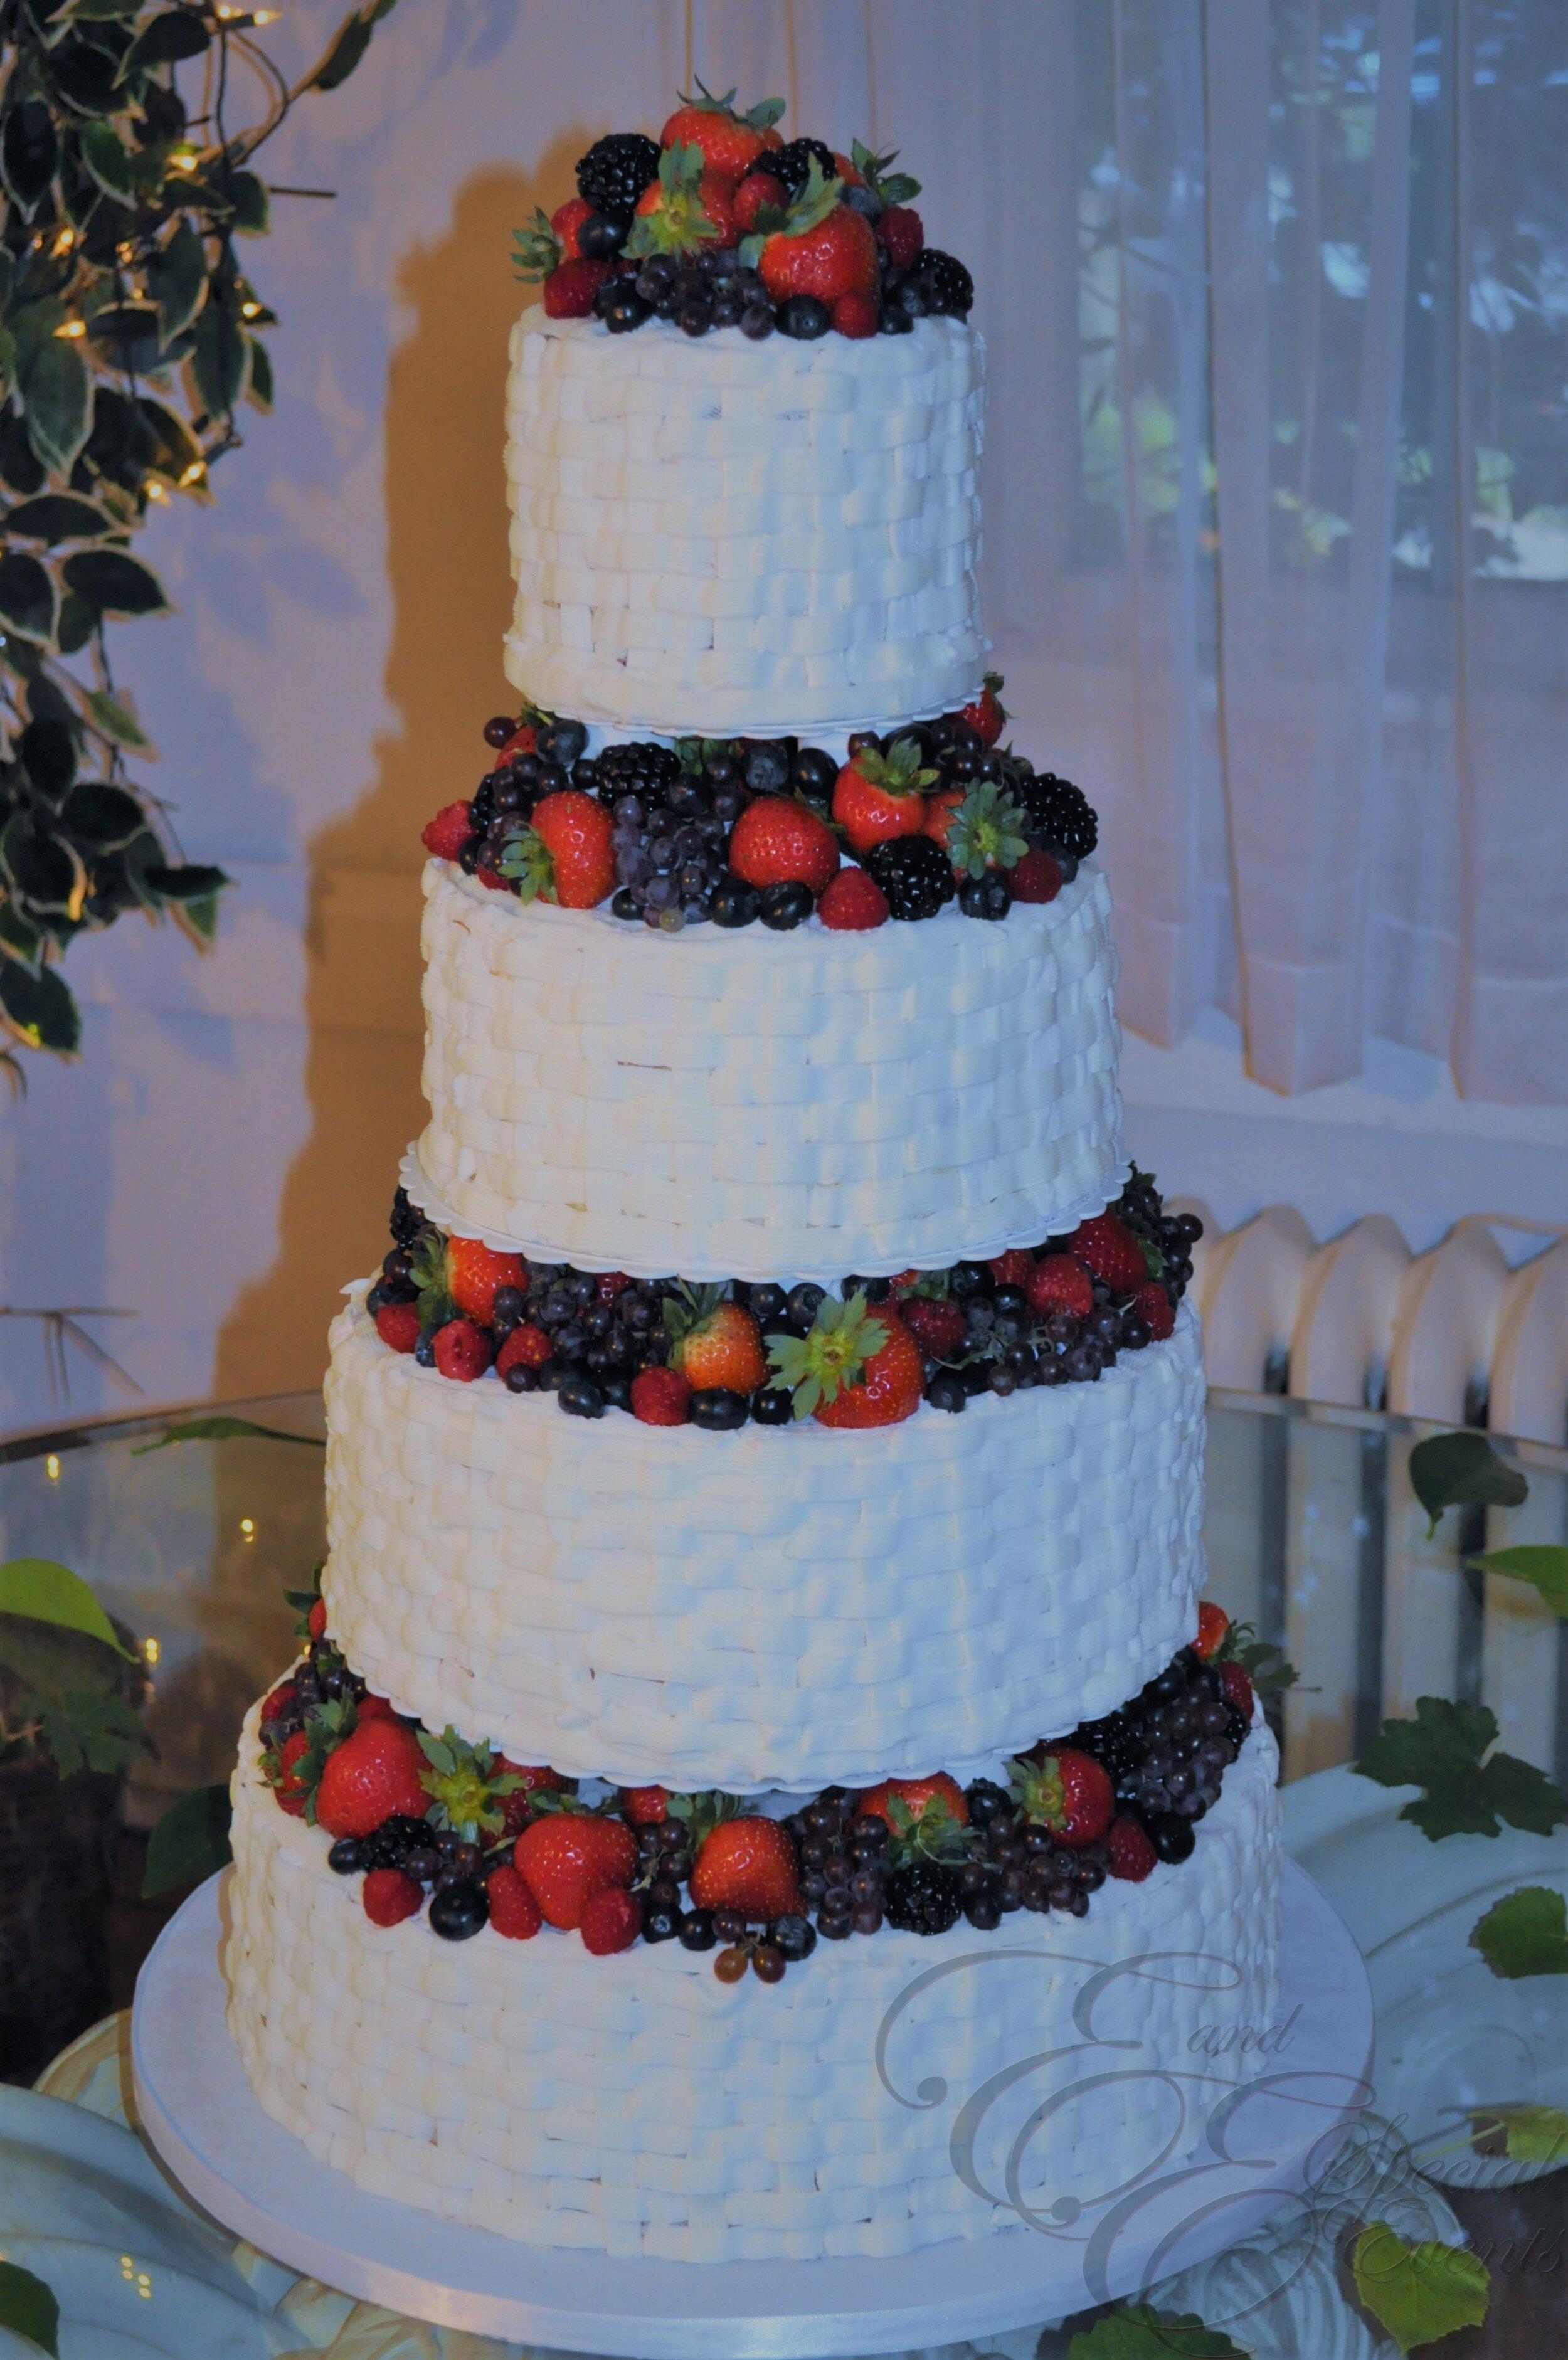 E_E_Special_Events_Unique_Wedding_Cakes_Virginia_Beach_Hampton_Roads22.jpg